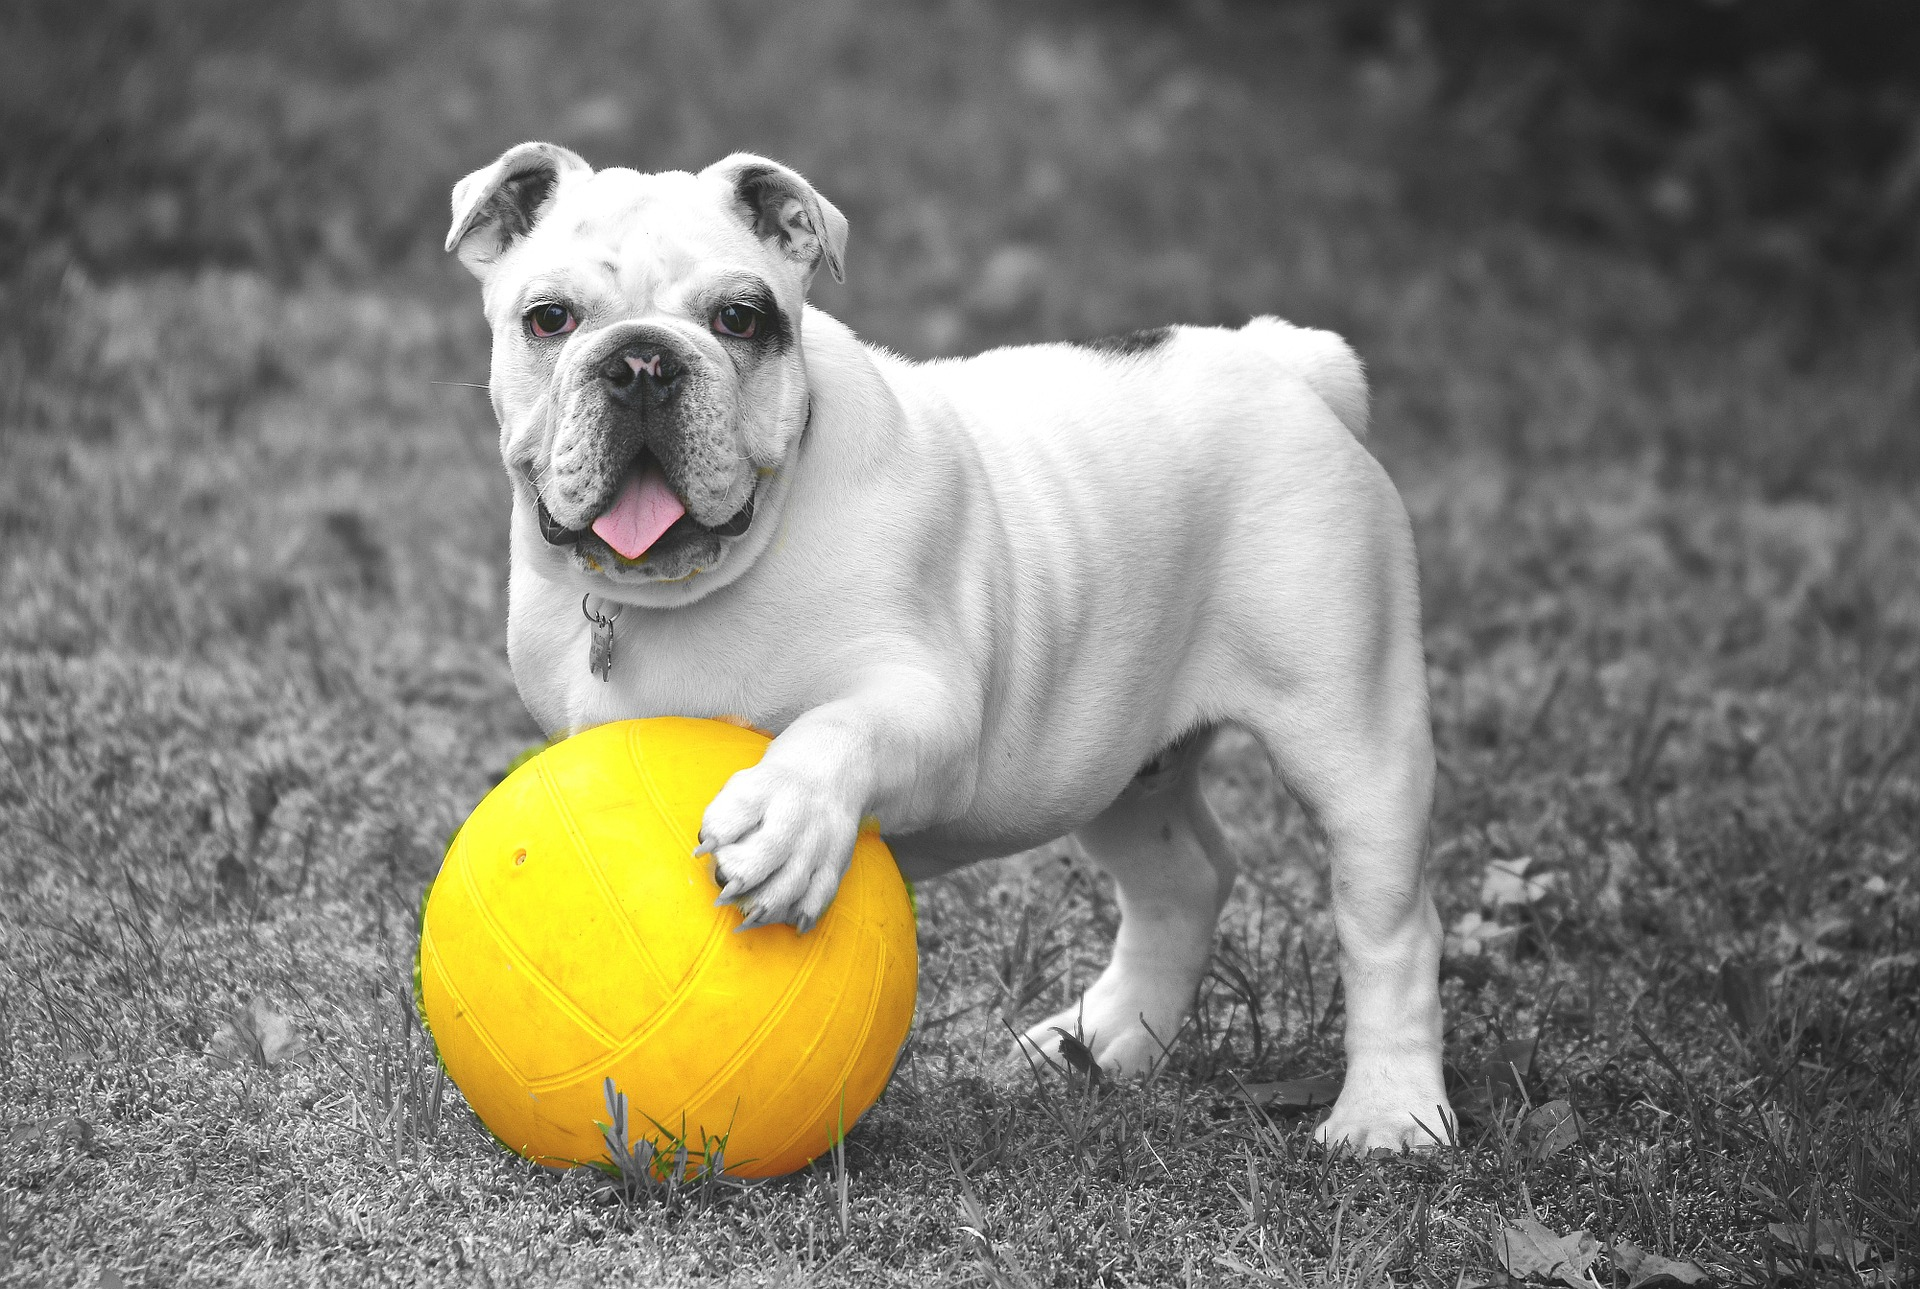 כלב משחק עם כדור צהוב